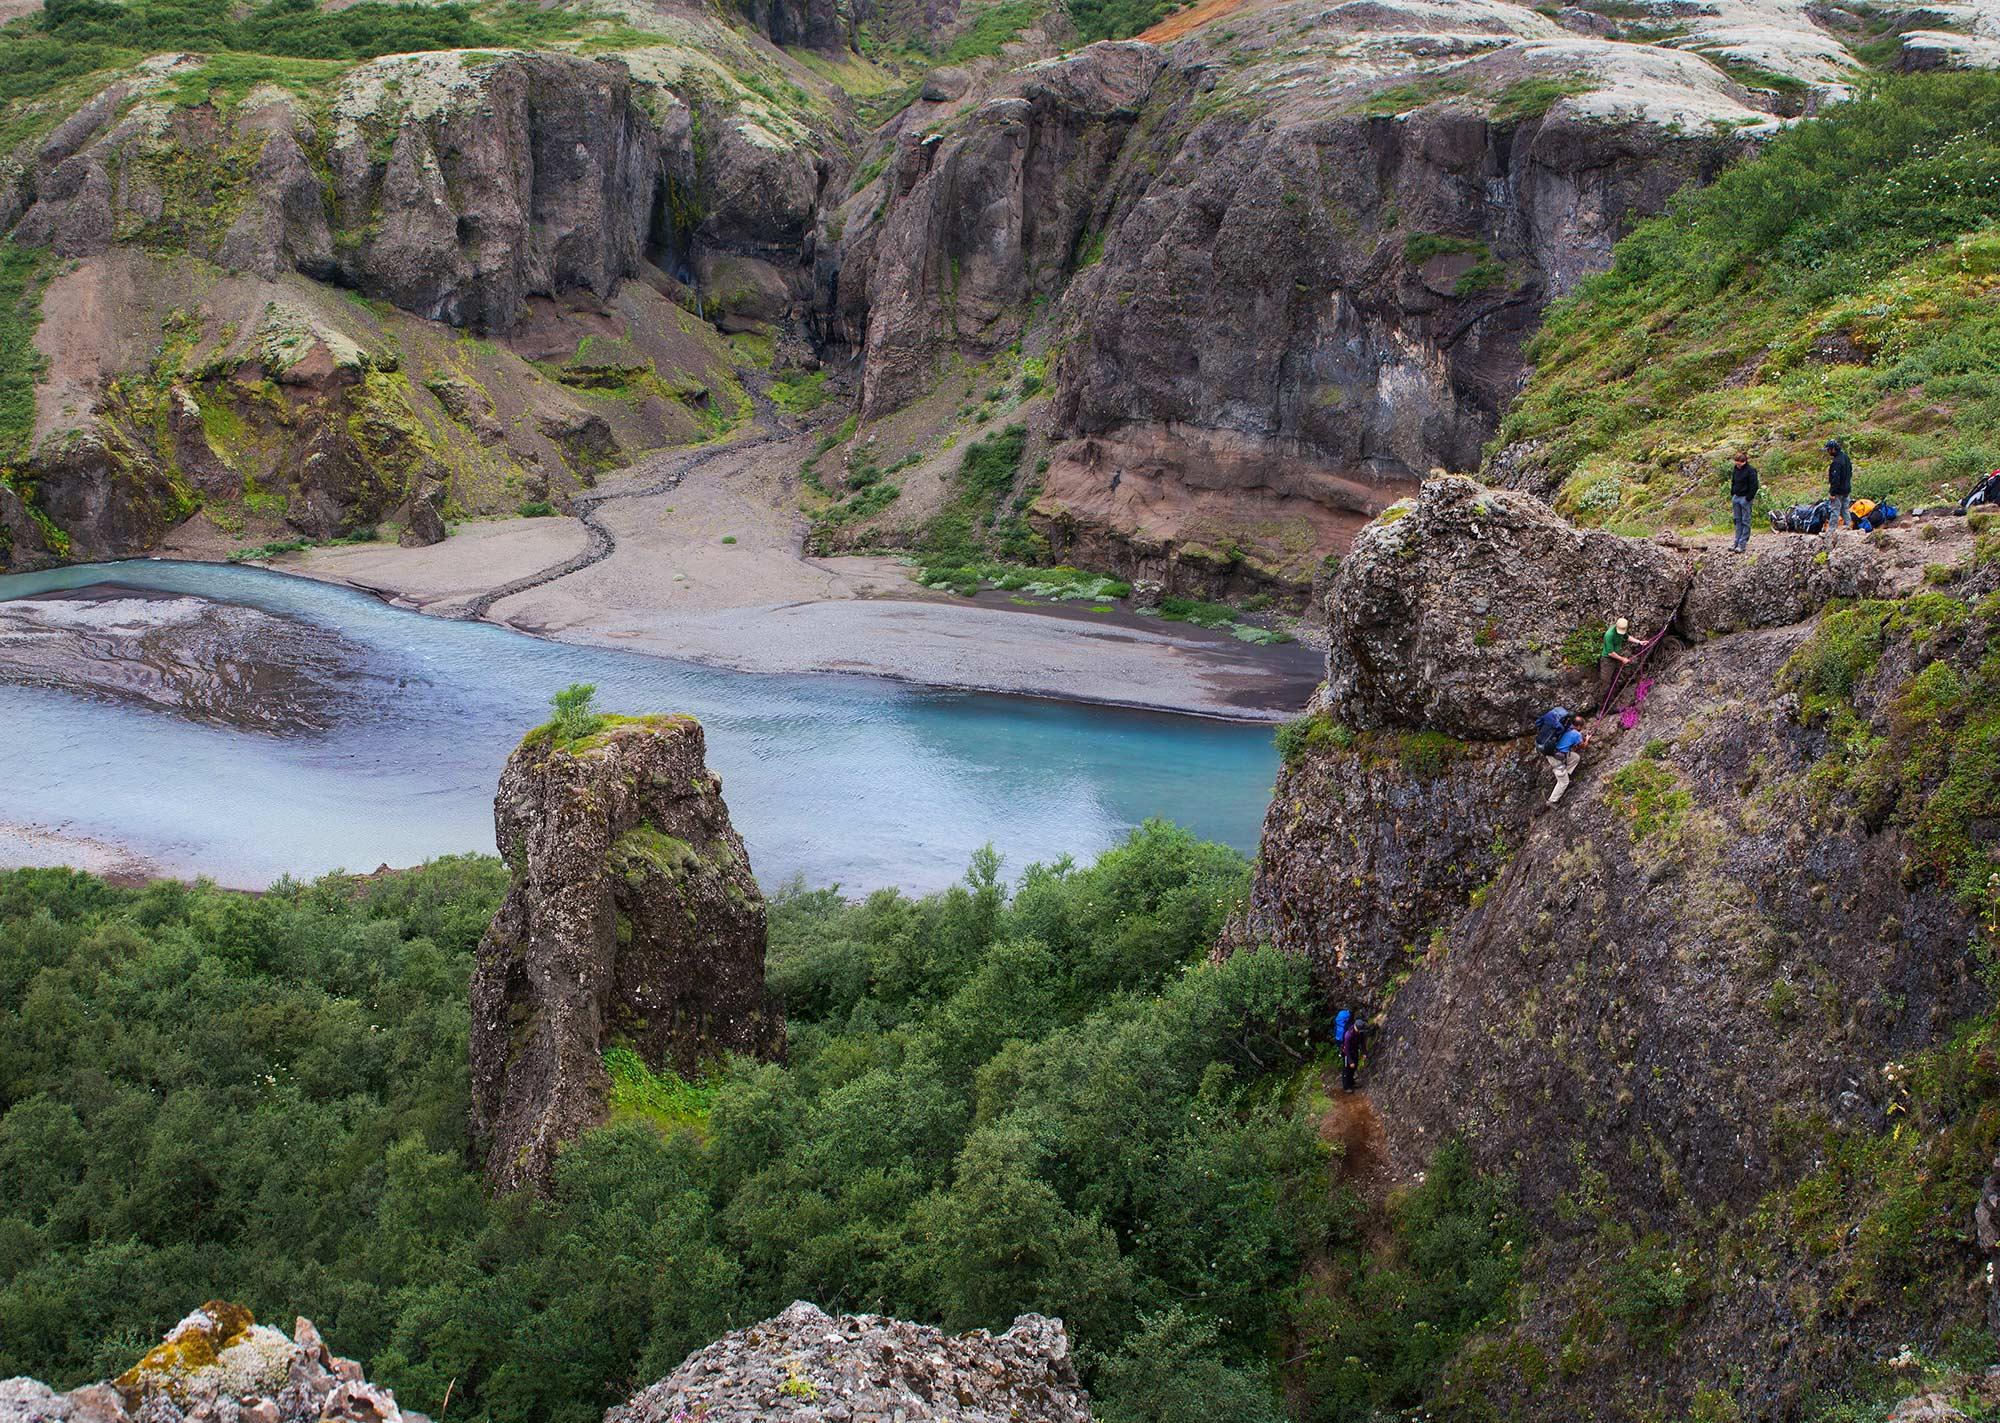 Nupsa河从冰岛中央内陆高地的Nupsstadaskogar峡谷潺潺流过